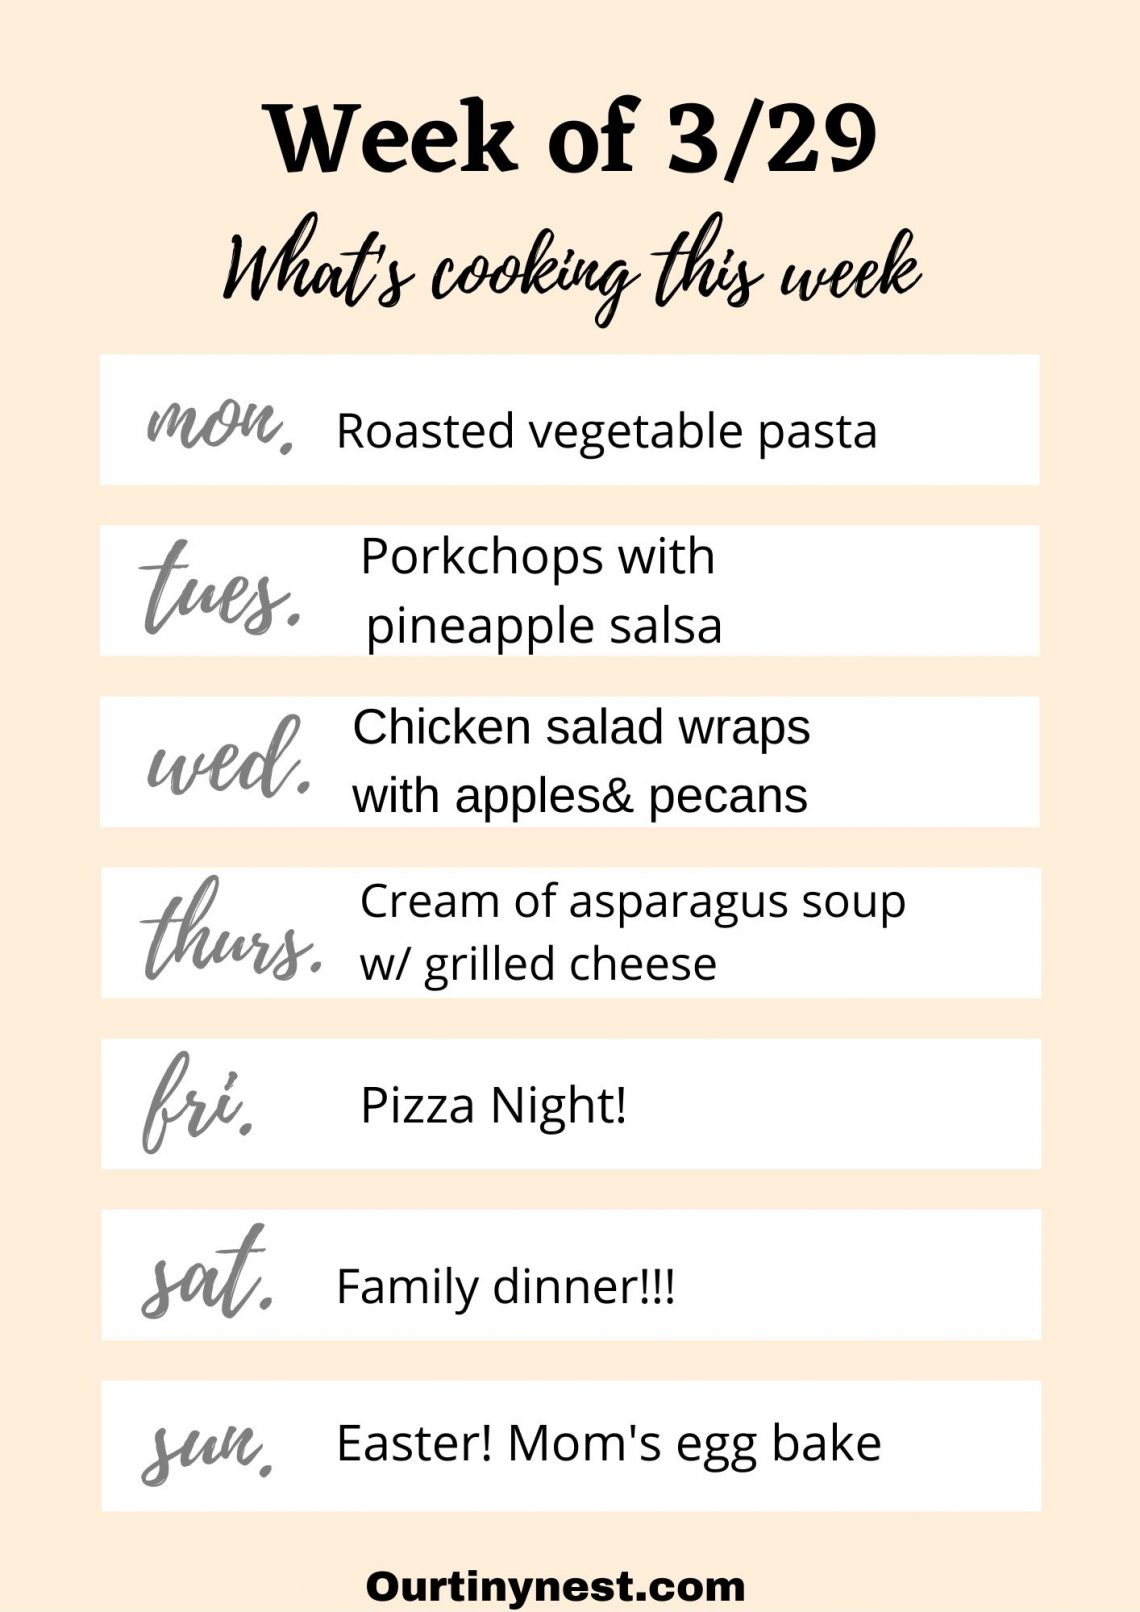 Week of 3/29 meal plan